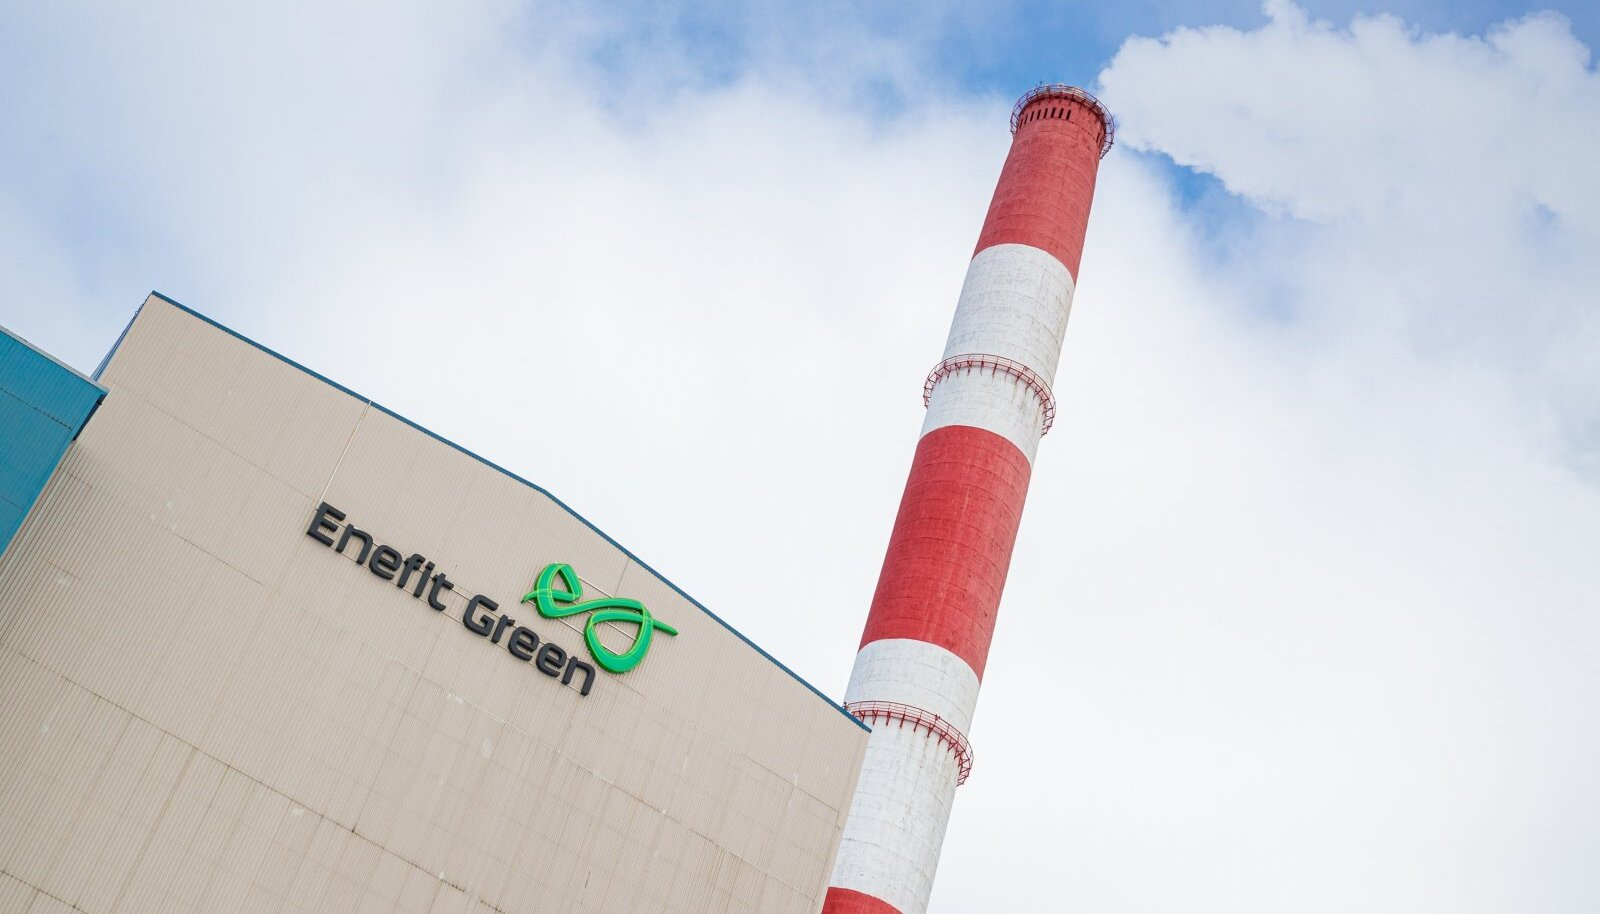 Jäätmepõletus Iru elektrijaamas, Enefit Green juhatuse esimees Veiko Räim, Enefit Greeni Iru SEJ töökeskkonna ja käidu spetsialist Andrei Vuhk.